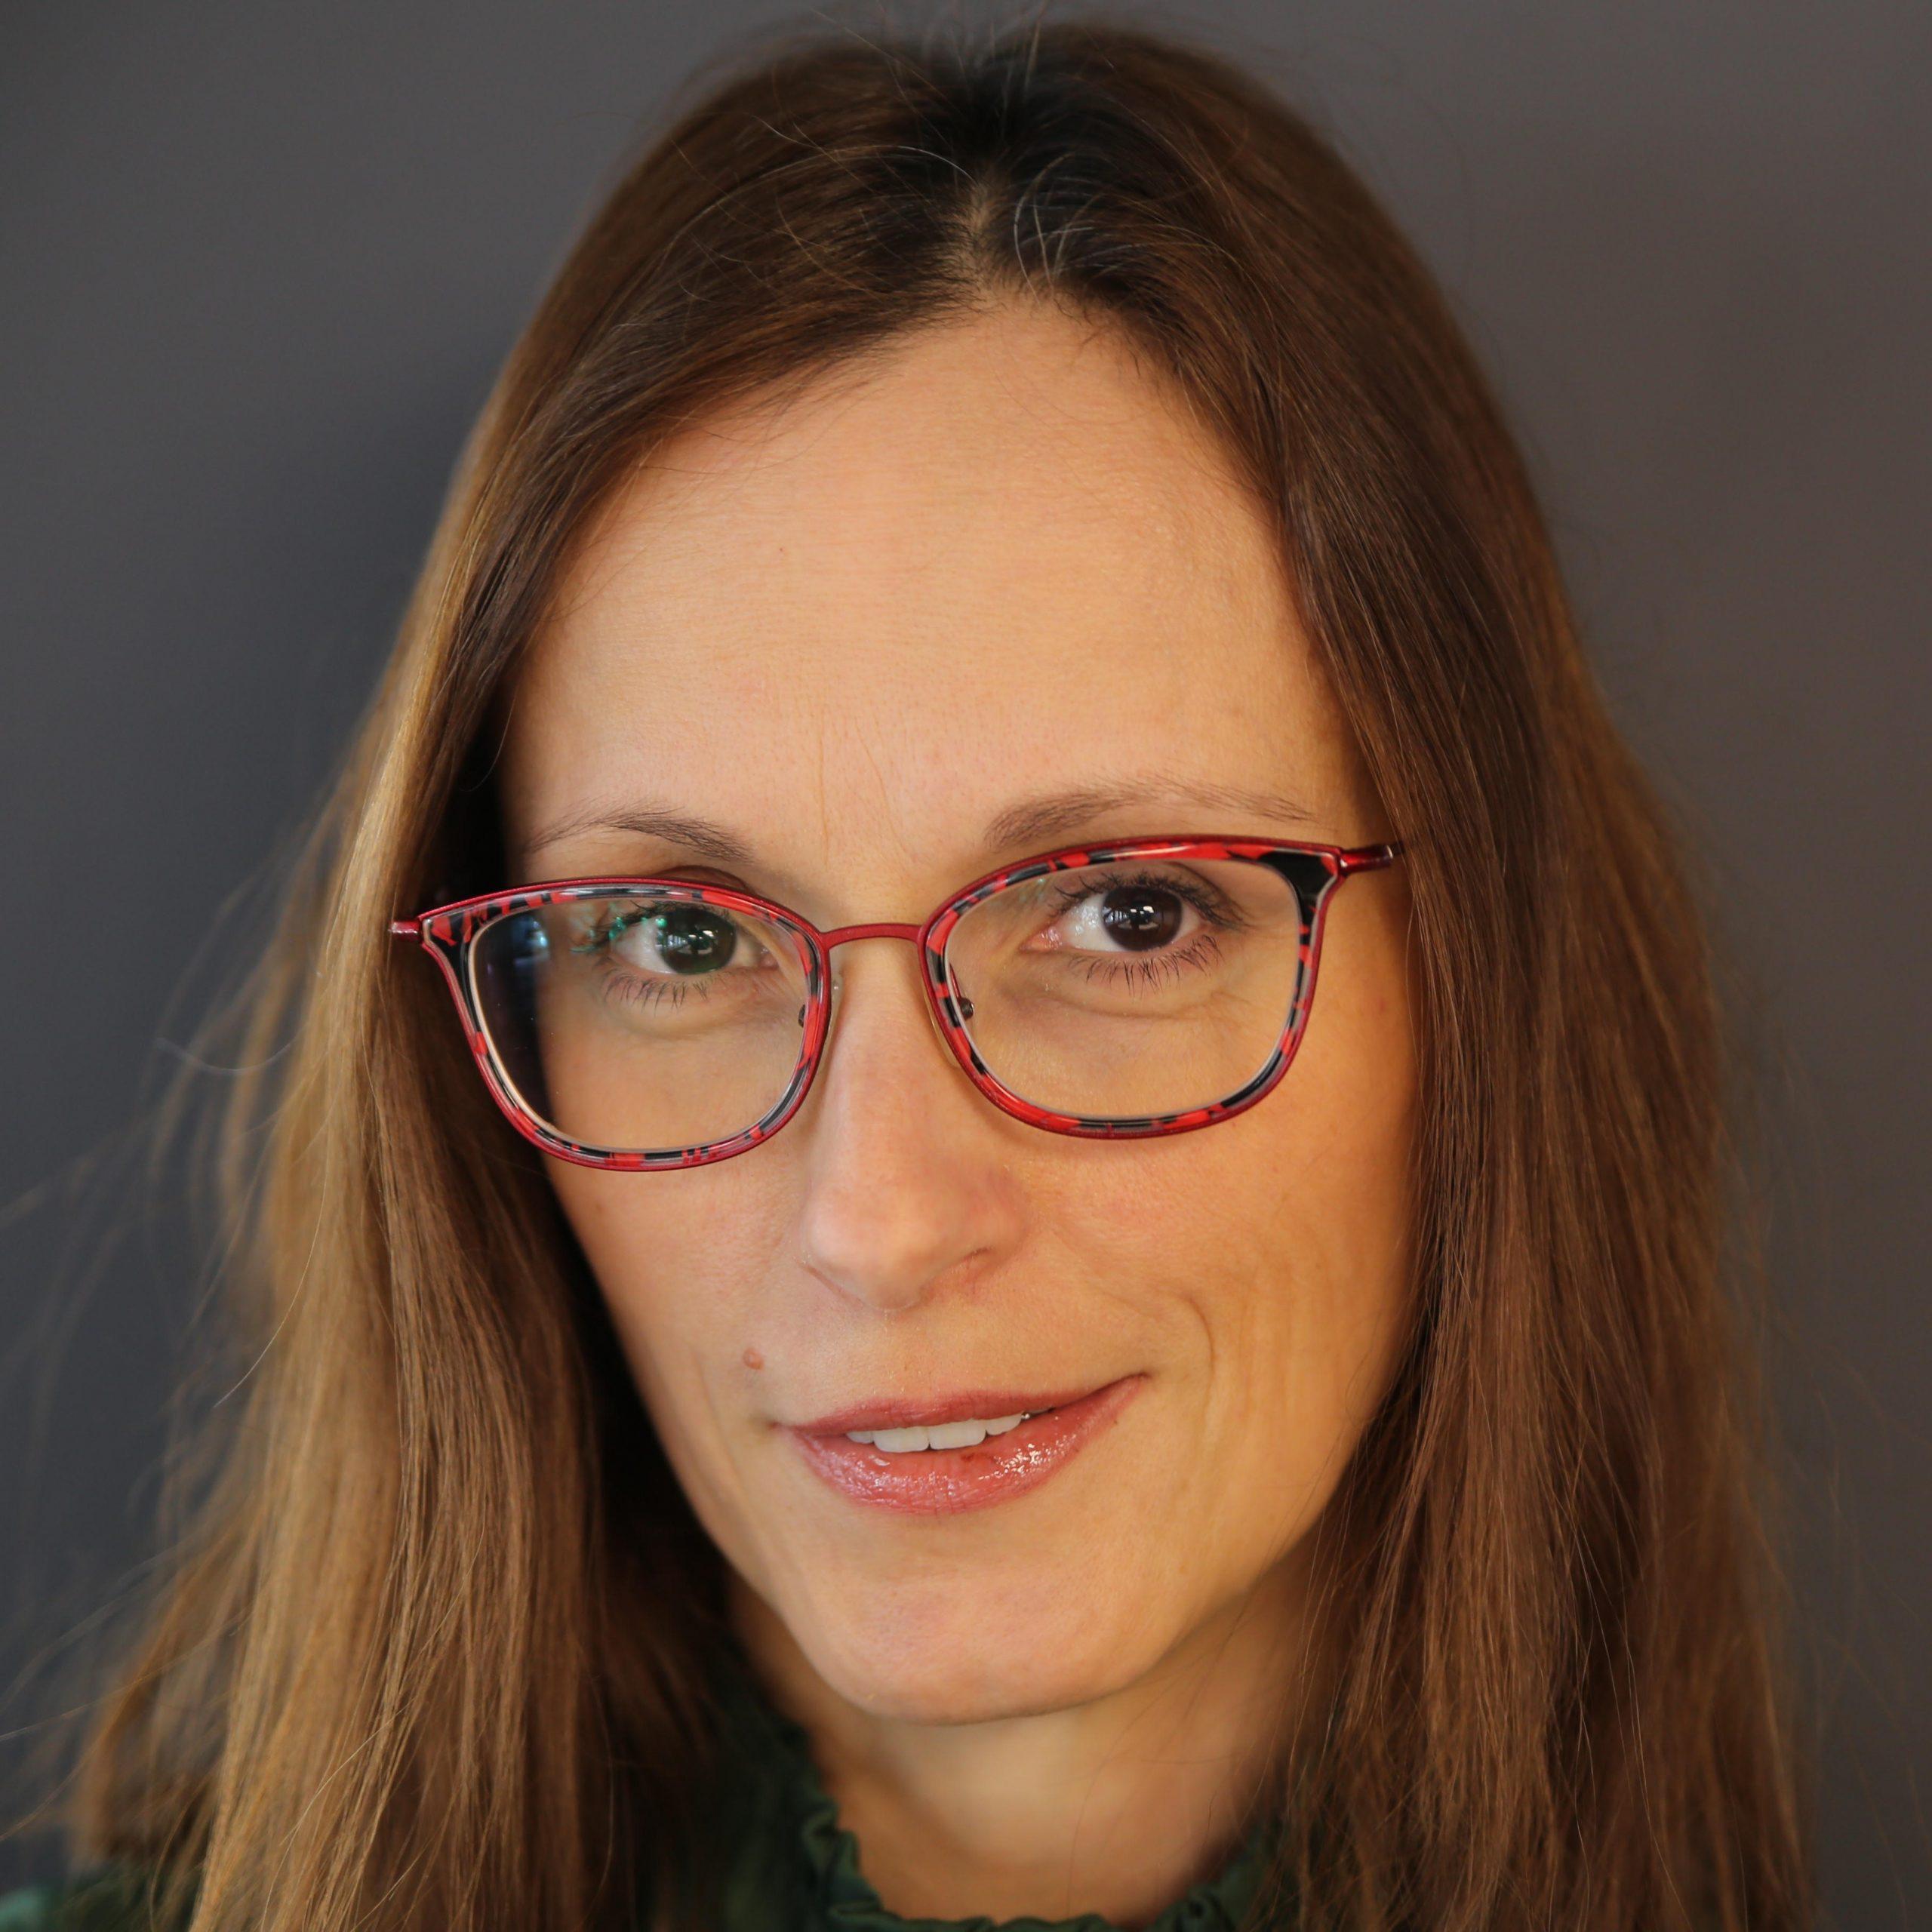 Dr. Ivana Nobilo